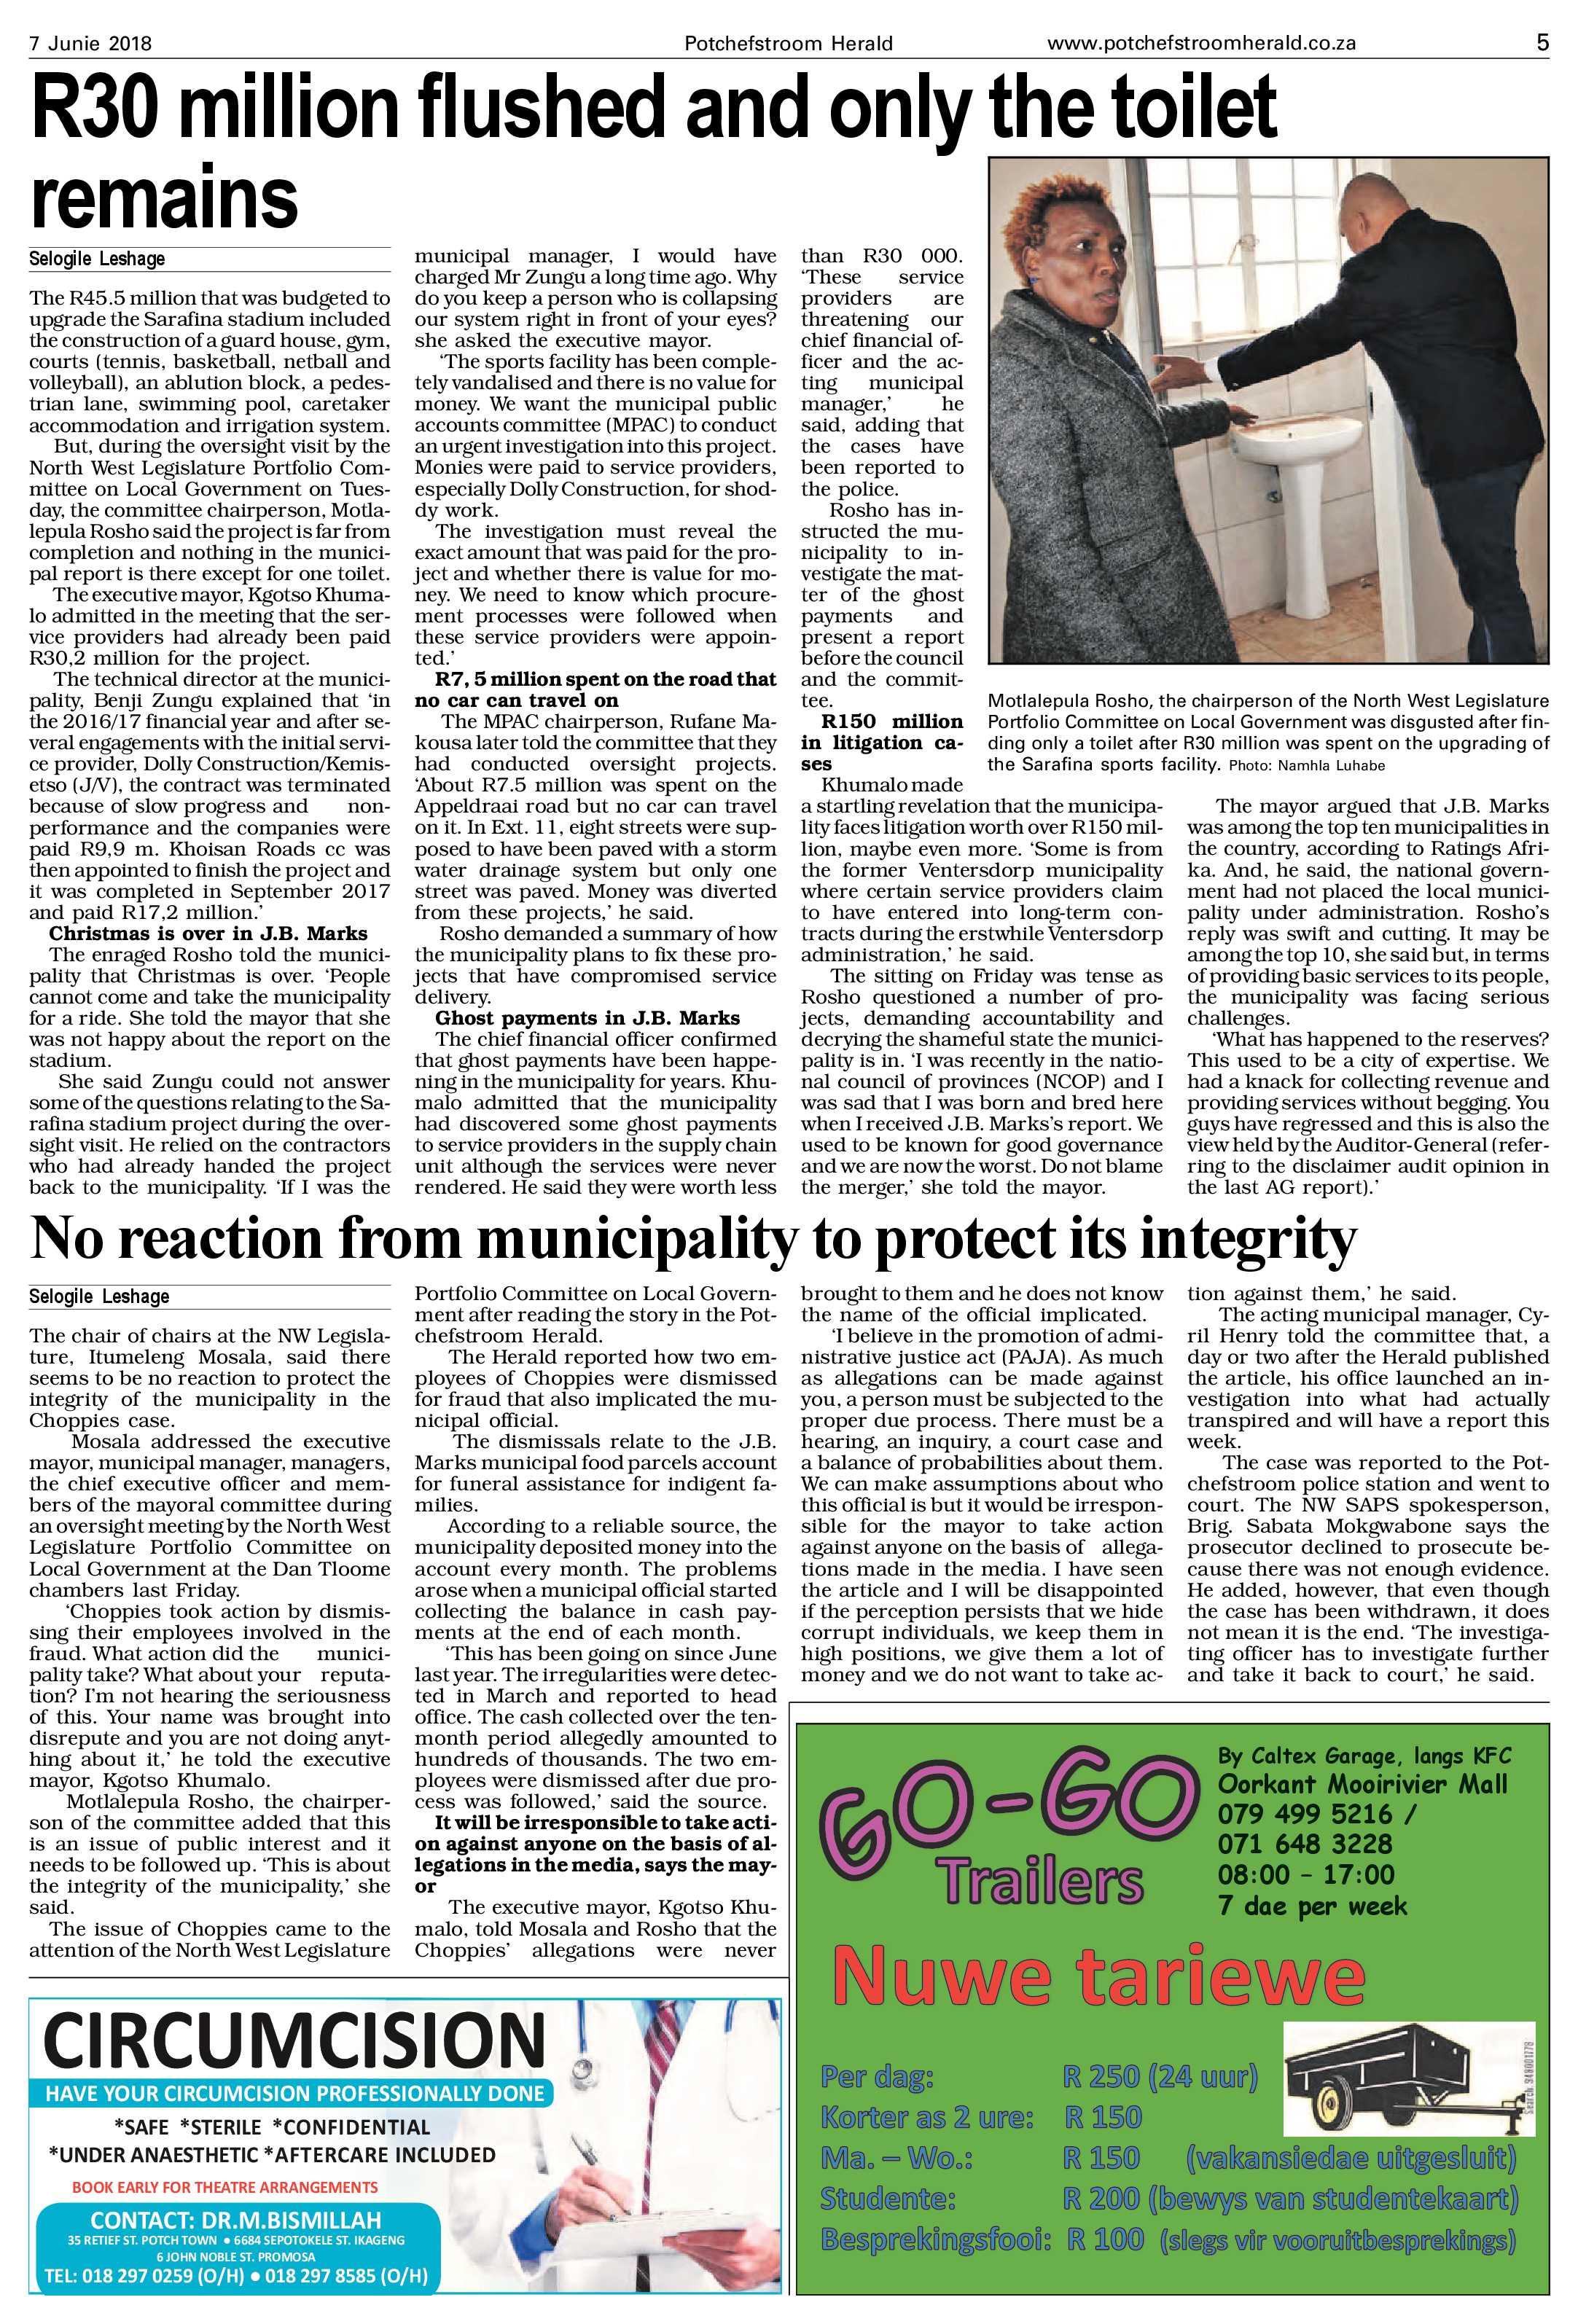 7-junie-2018-epapers-page-5